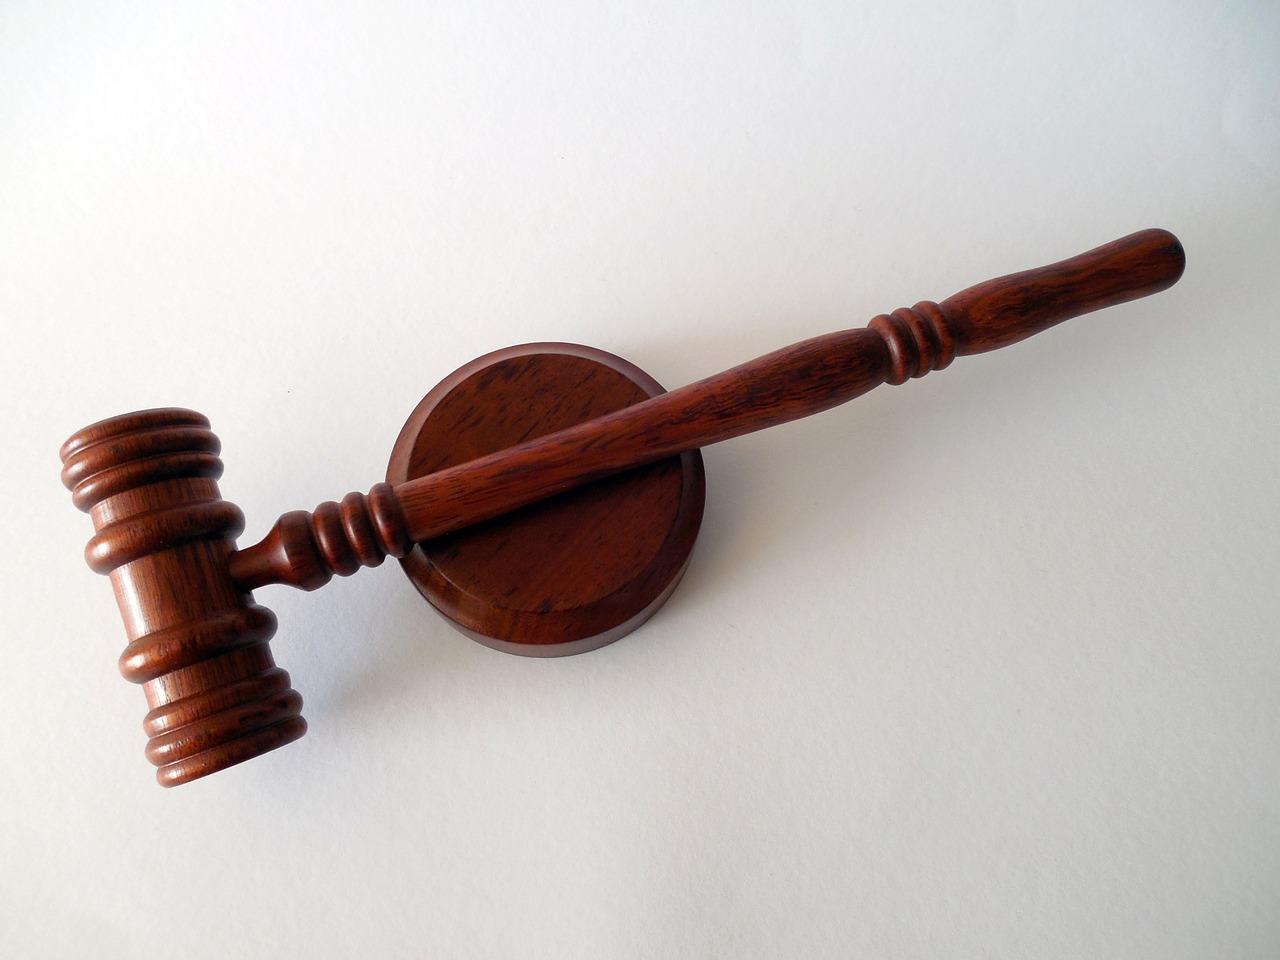 כתב אישום נגד תושב טייבה, בן 51 שרצח את אשתו לעיני בתו בת ה-5